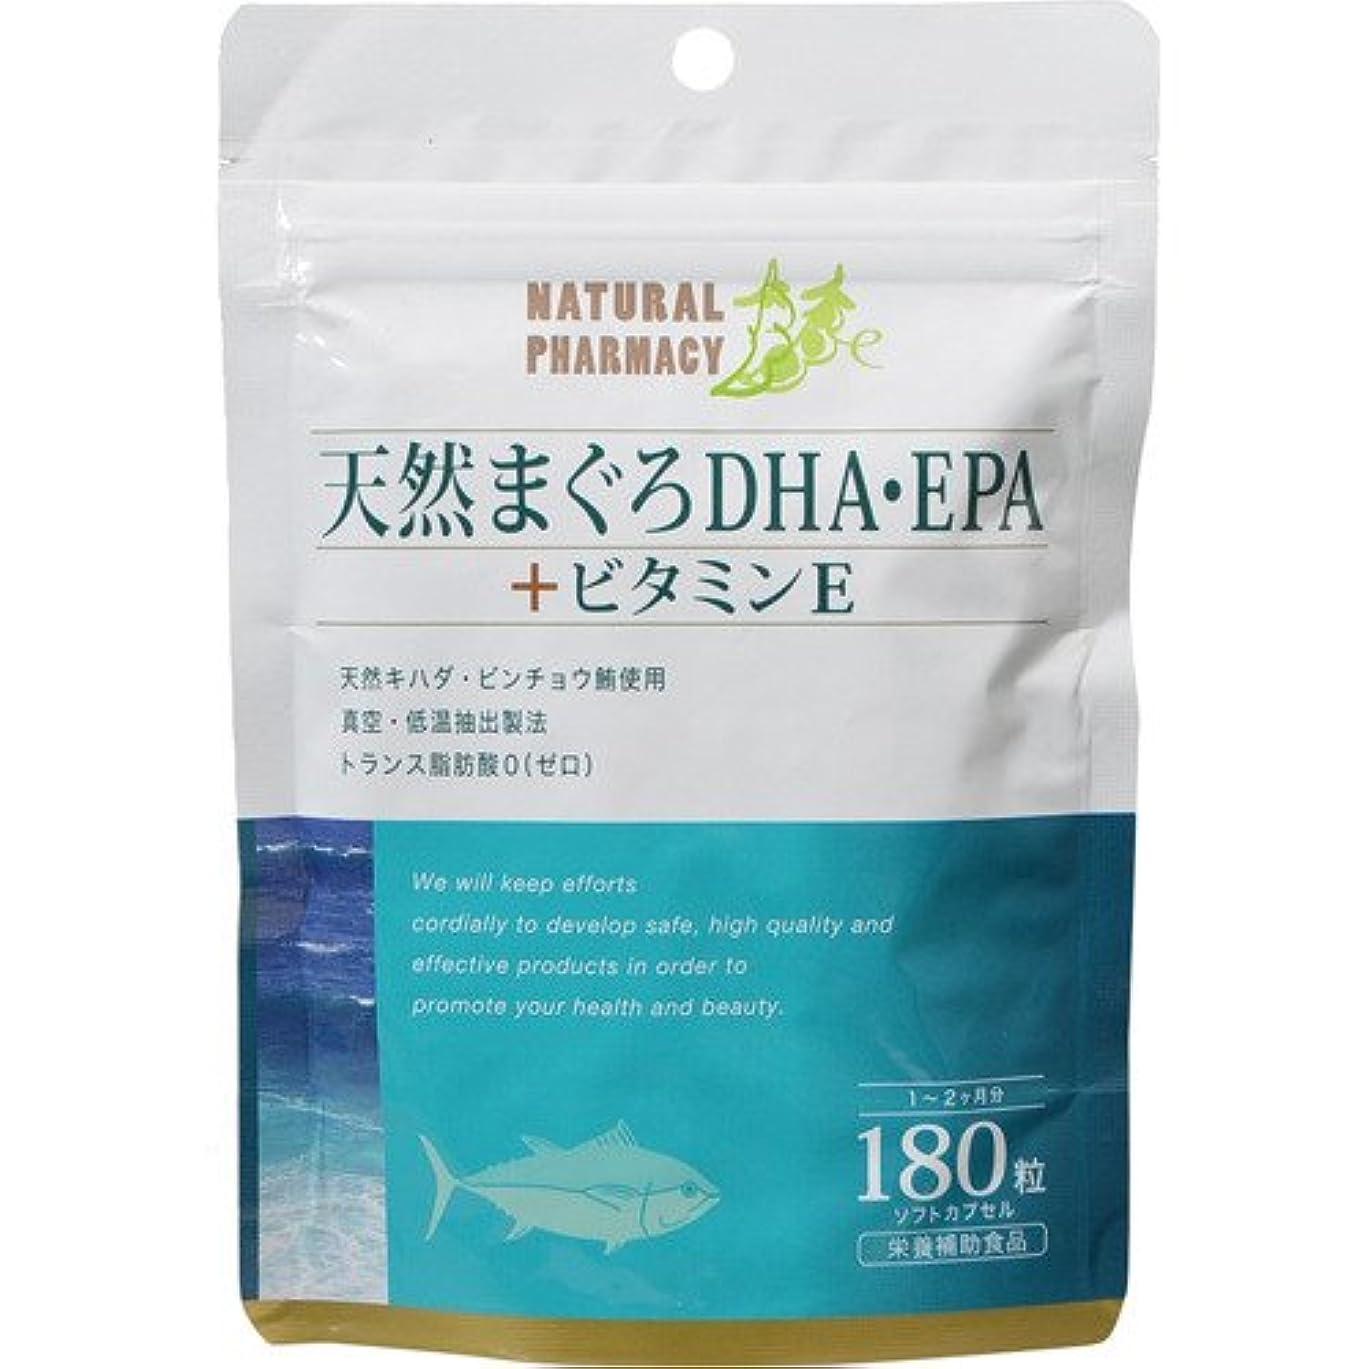 引き金相対サイズ猛烈なすみや 天然まぐろDHA?EPA+ビタミンE 180粒